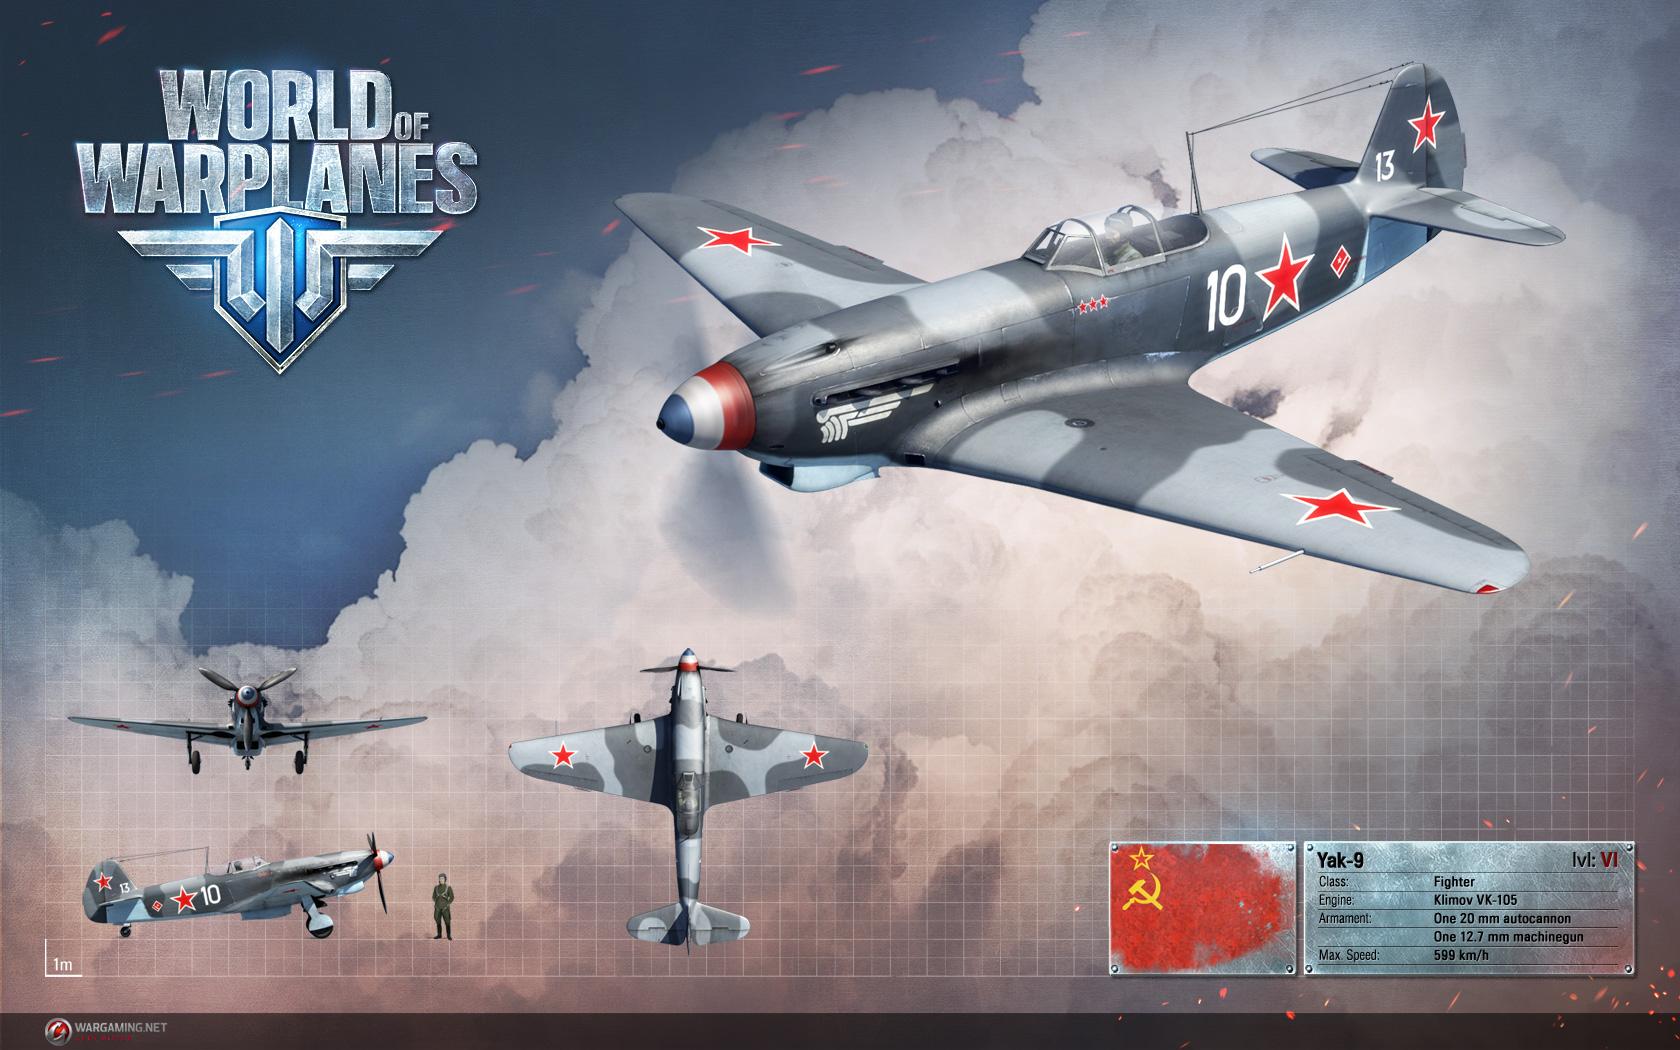 匹�d���zyak9�+�,_yakovlev02yak-9 | world of warplanes